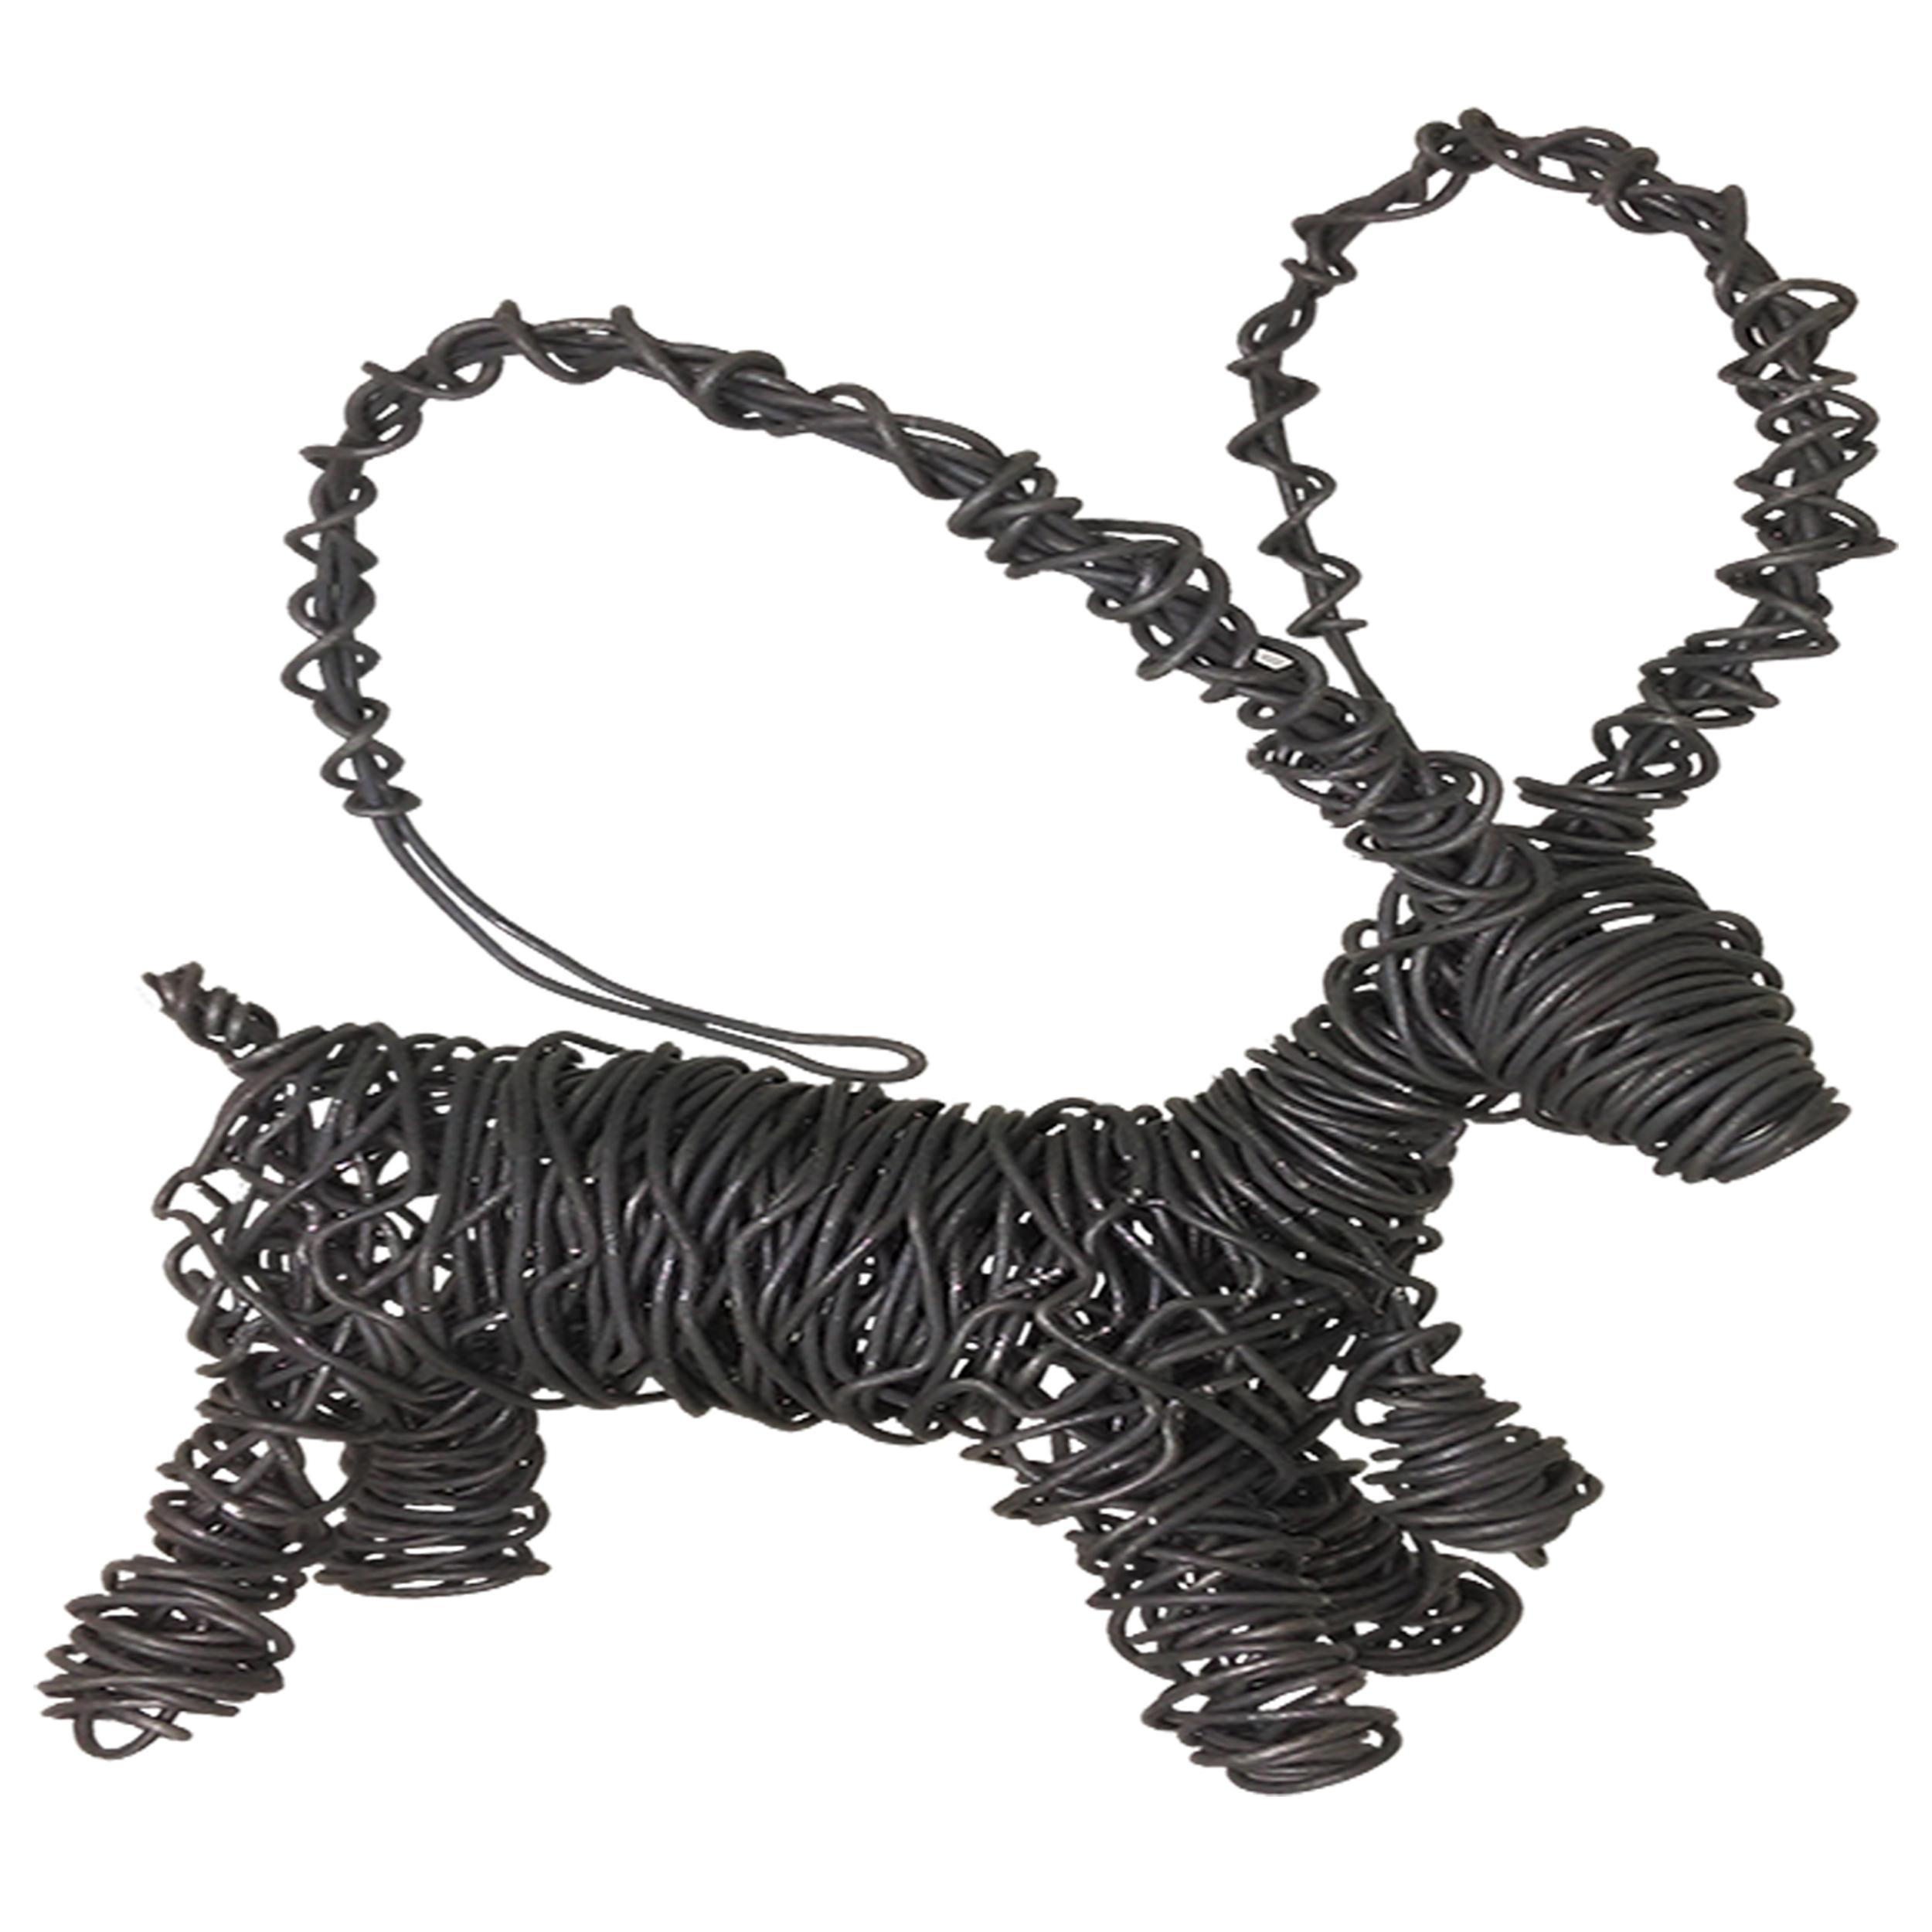 تندیس فلزی مدل Mountain goat کد 12